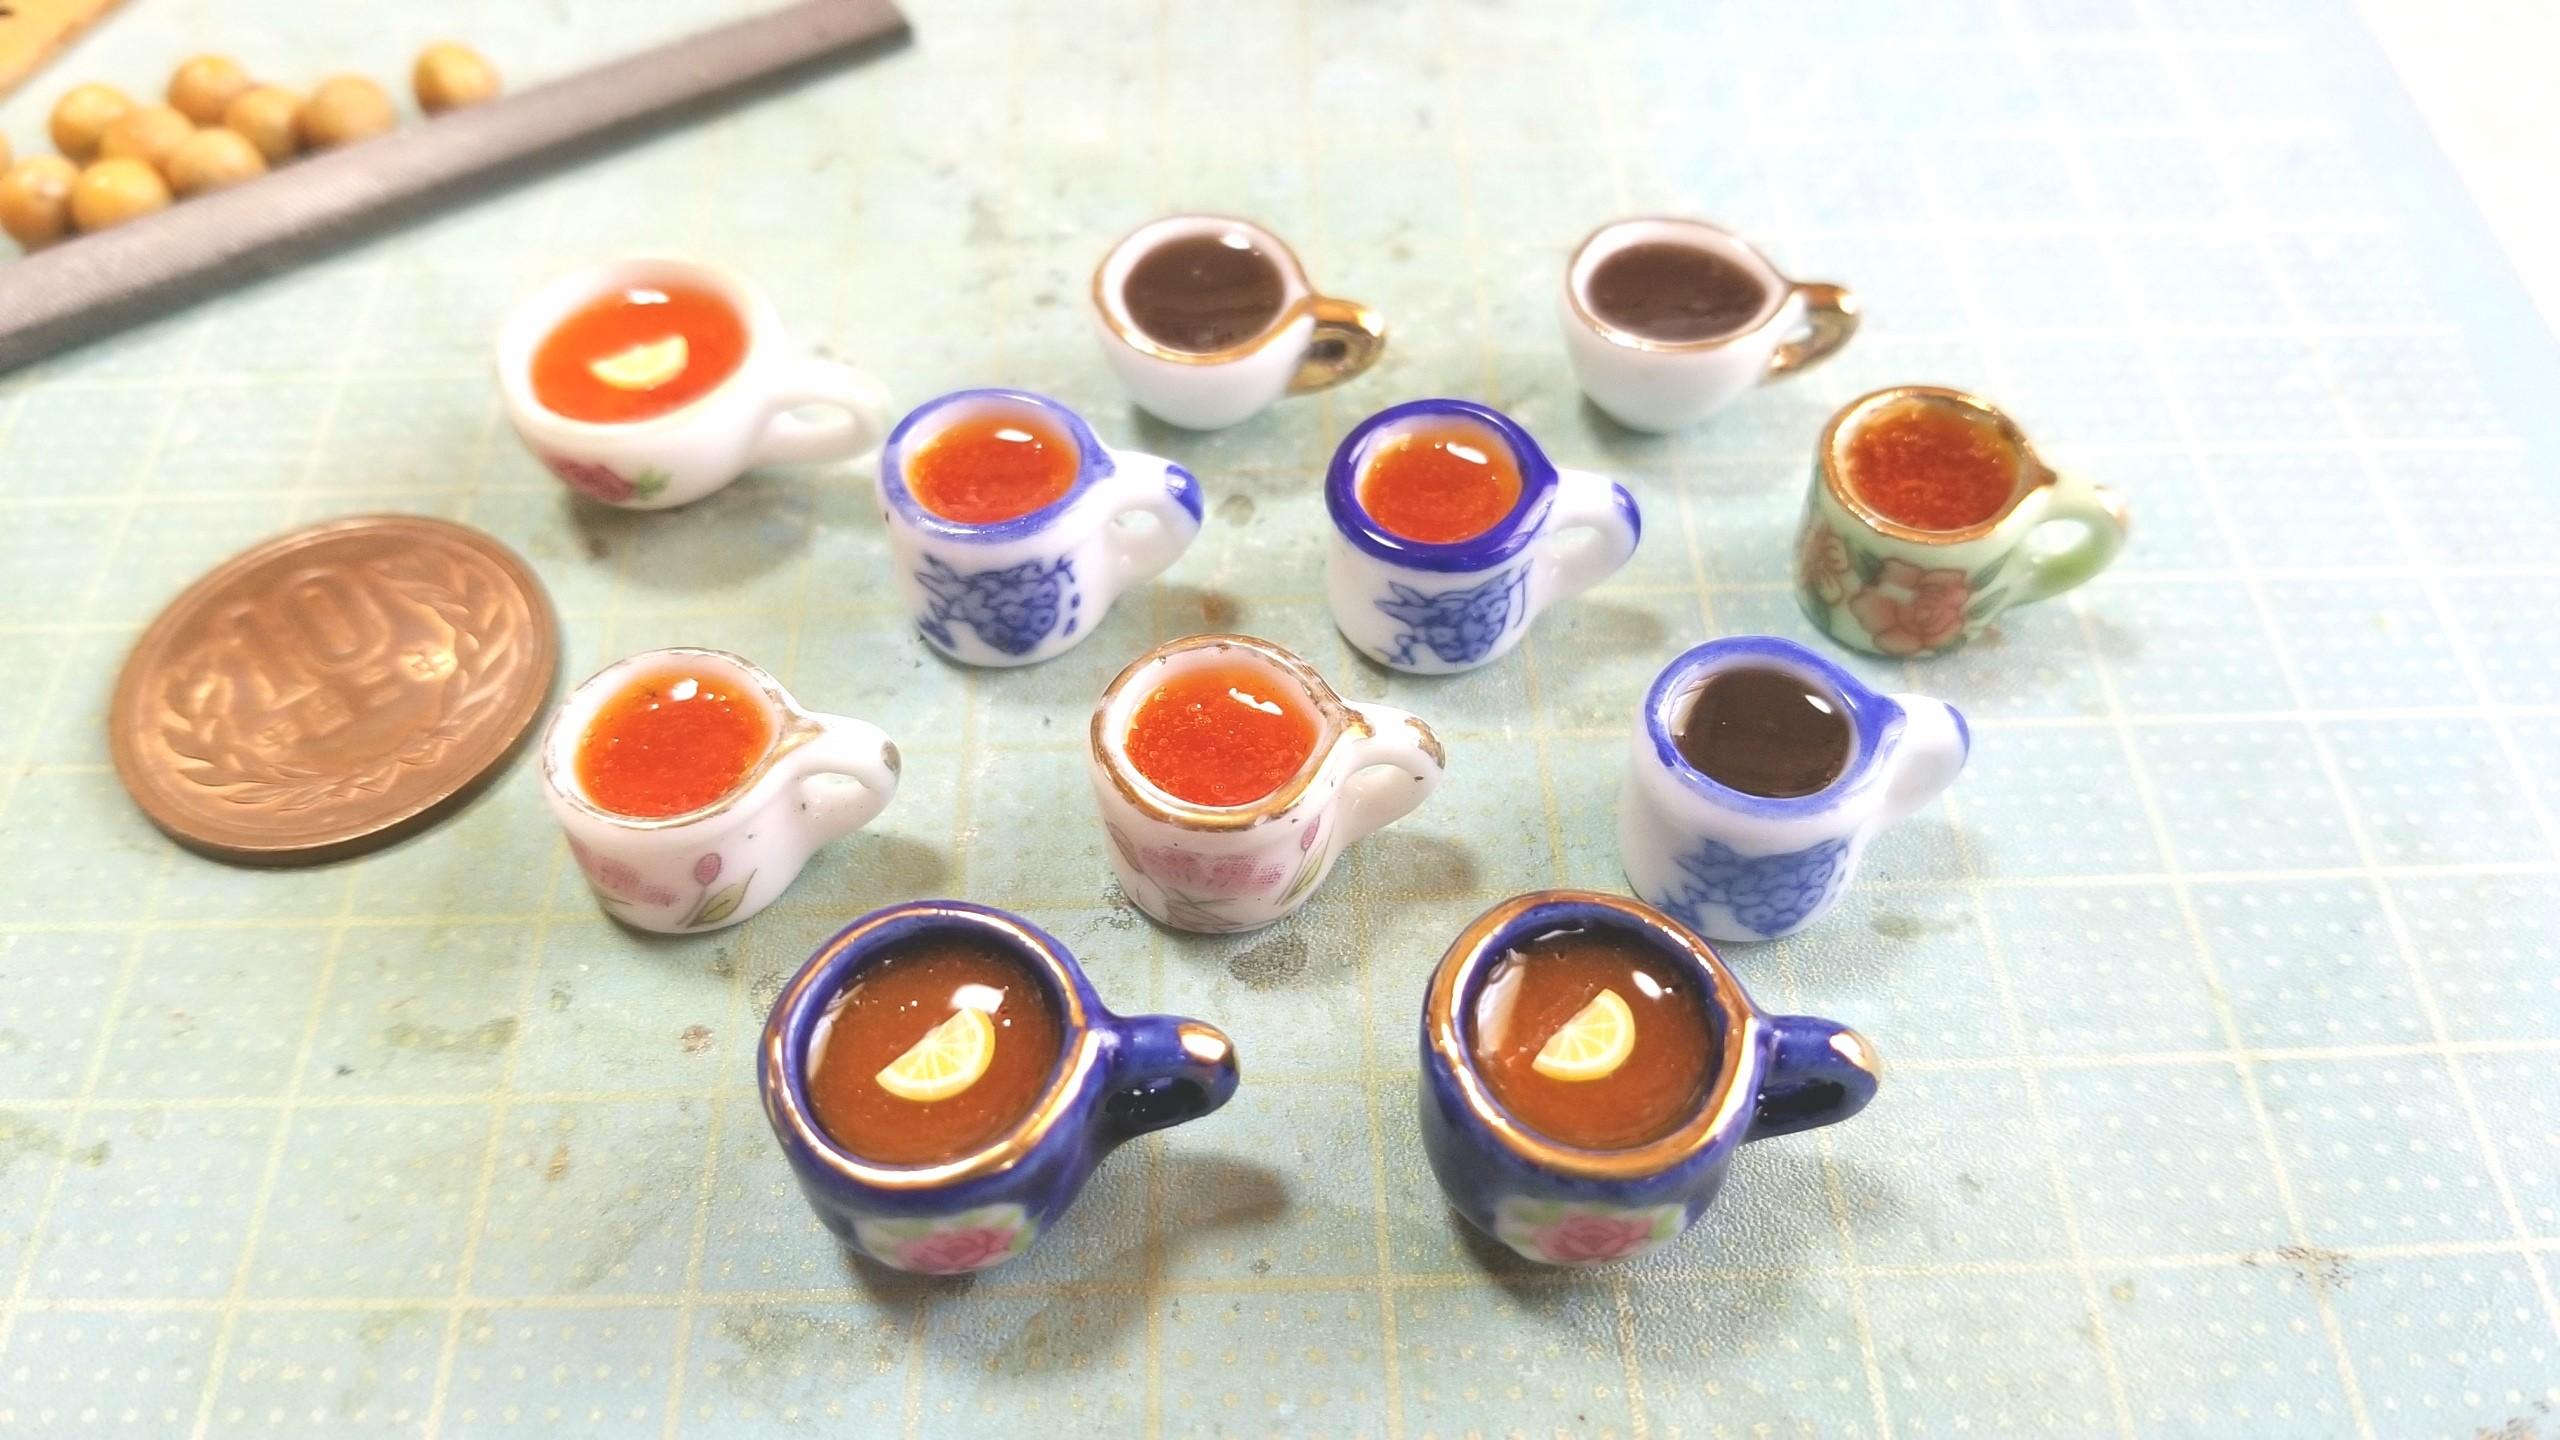 ミニチュア,紅茶,作り方,研究,着色,レジン,ドール,フェイクフード